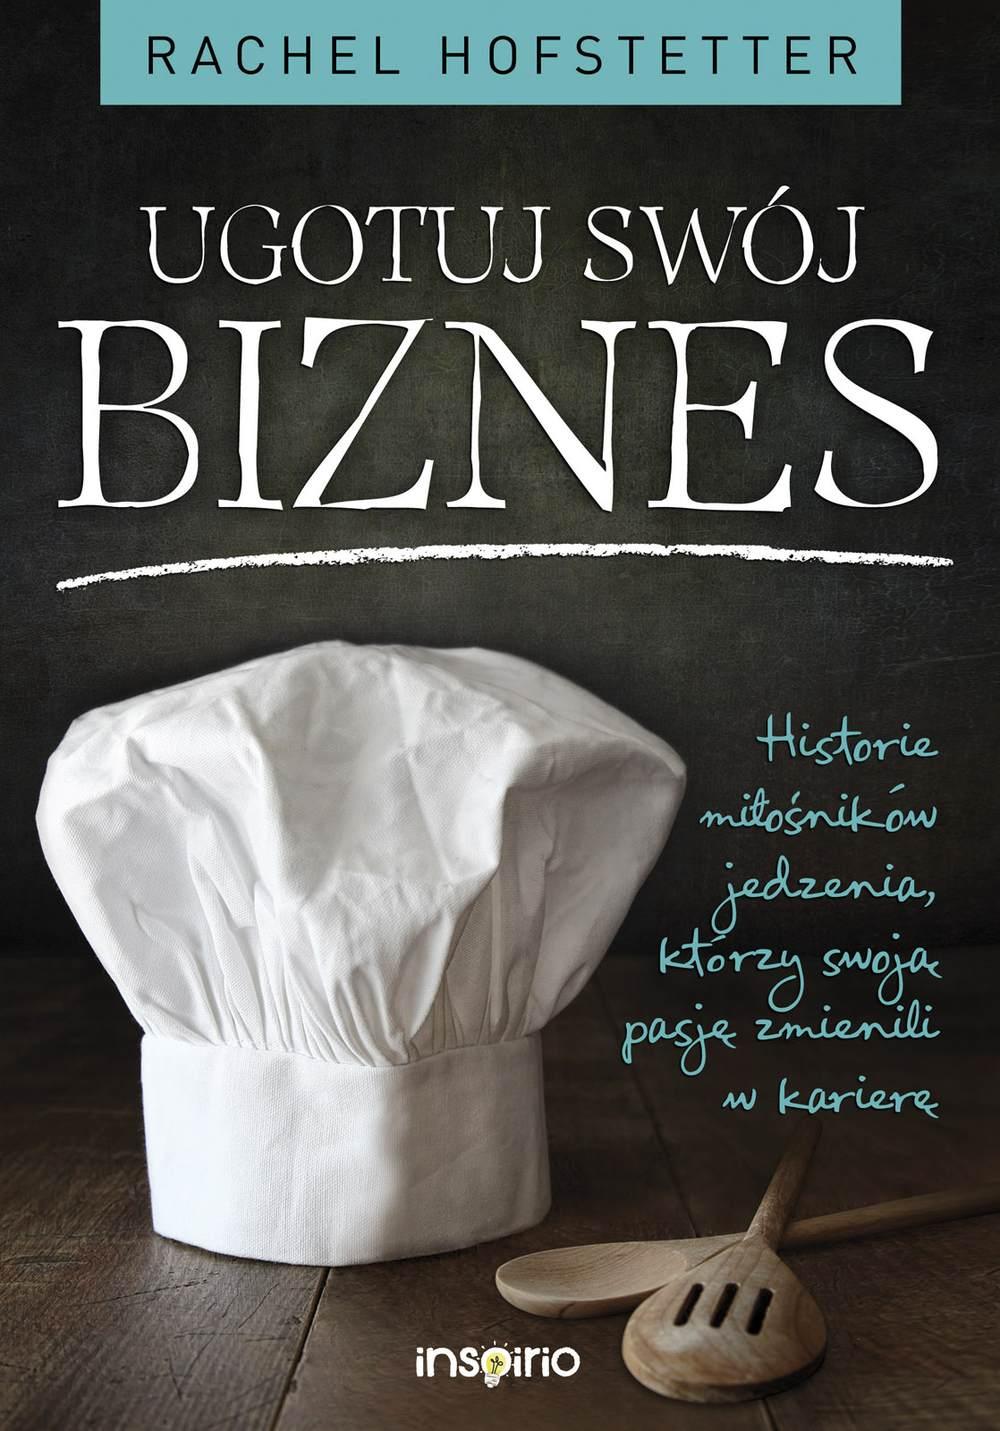 Ugotuj swój biznes. Historie miłośników jedzenia, którzy swoją pasję zmienili w karierę - Ebook (Książka EPUB) do pobrania w formacie EPUB